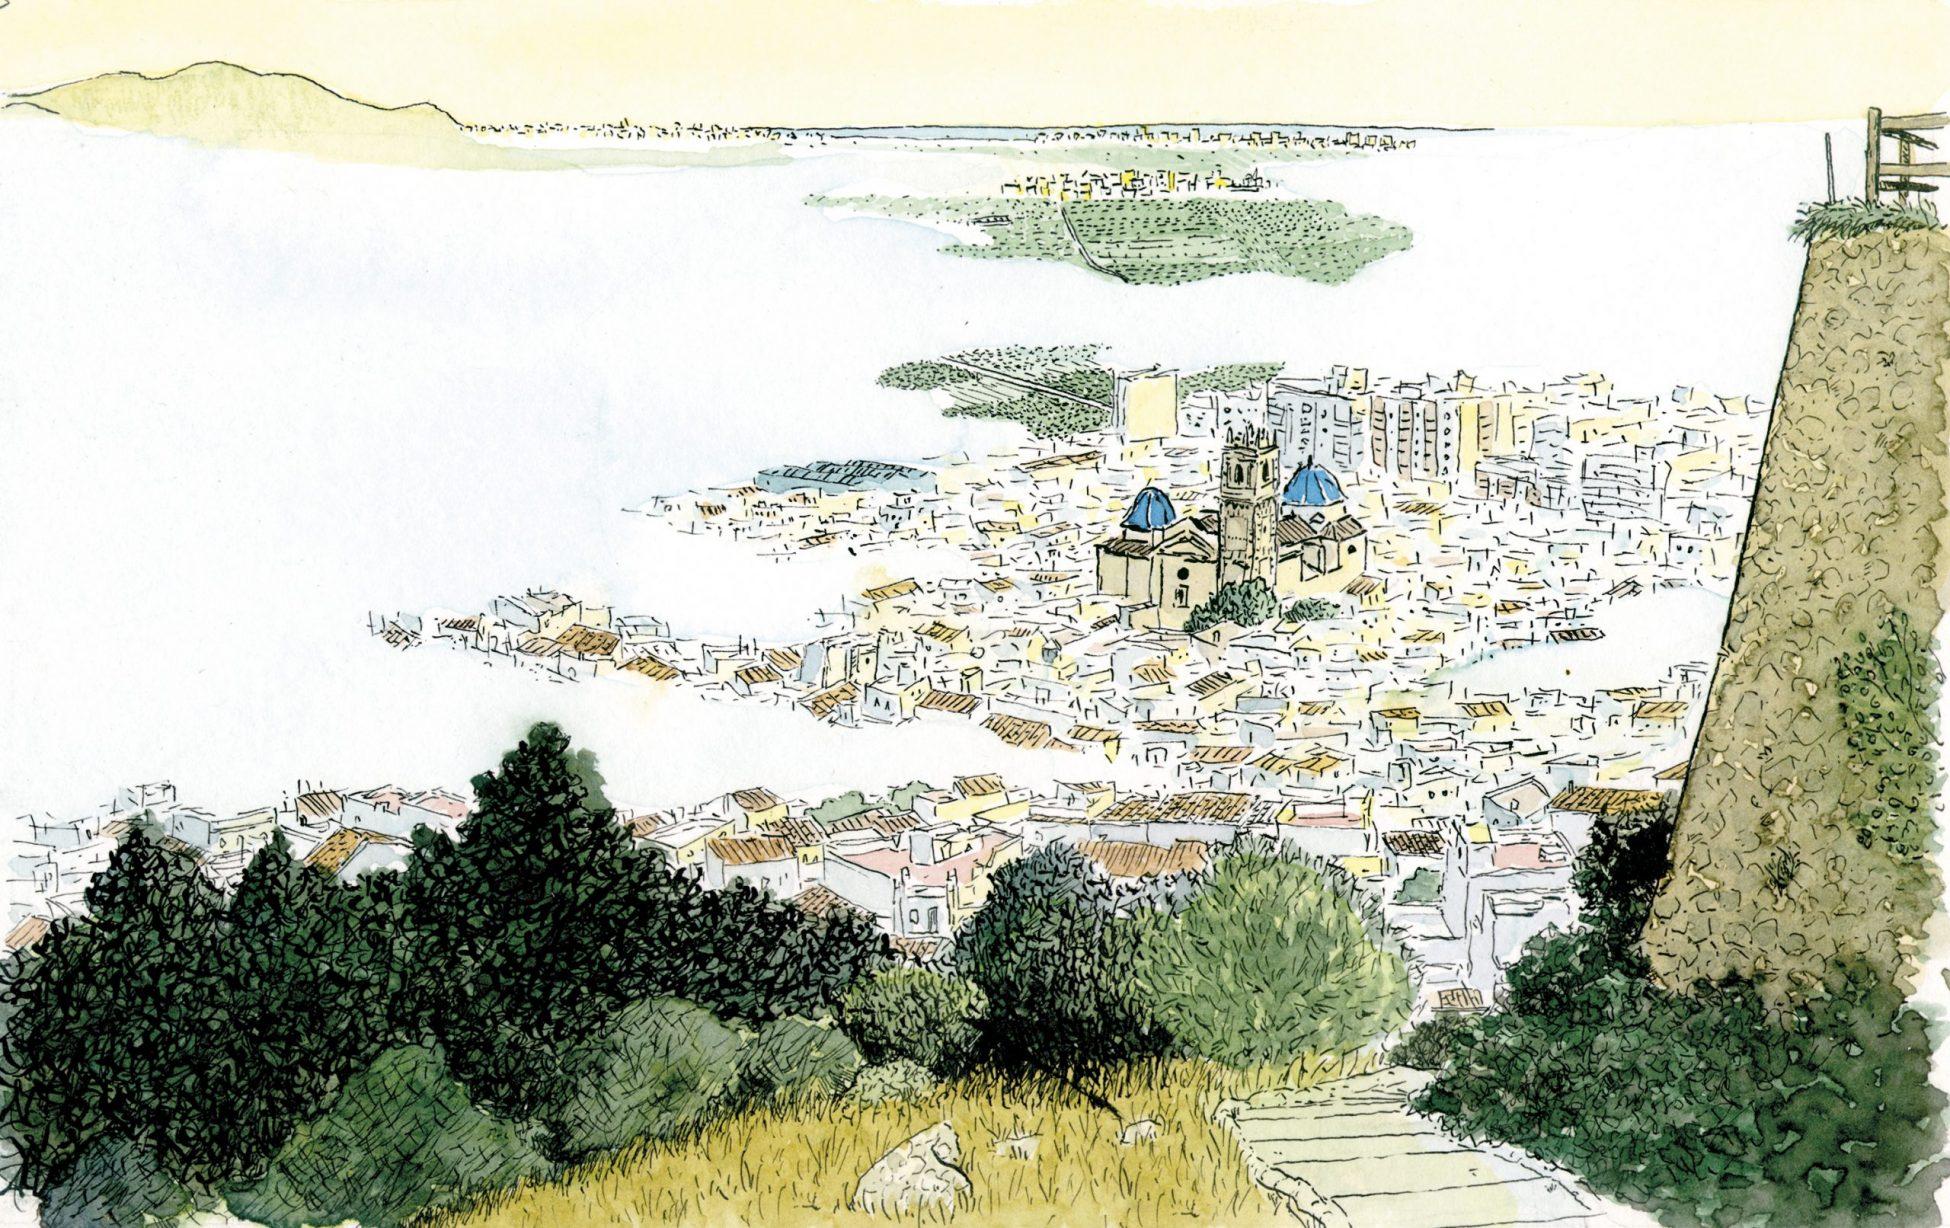 Cuadro para enmarcar con una dibujo en acuarela del municipio de Oliva (Valencia) despertando entre niebla. Ilustraciones originales de la Safor basadas en fotos.